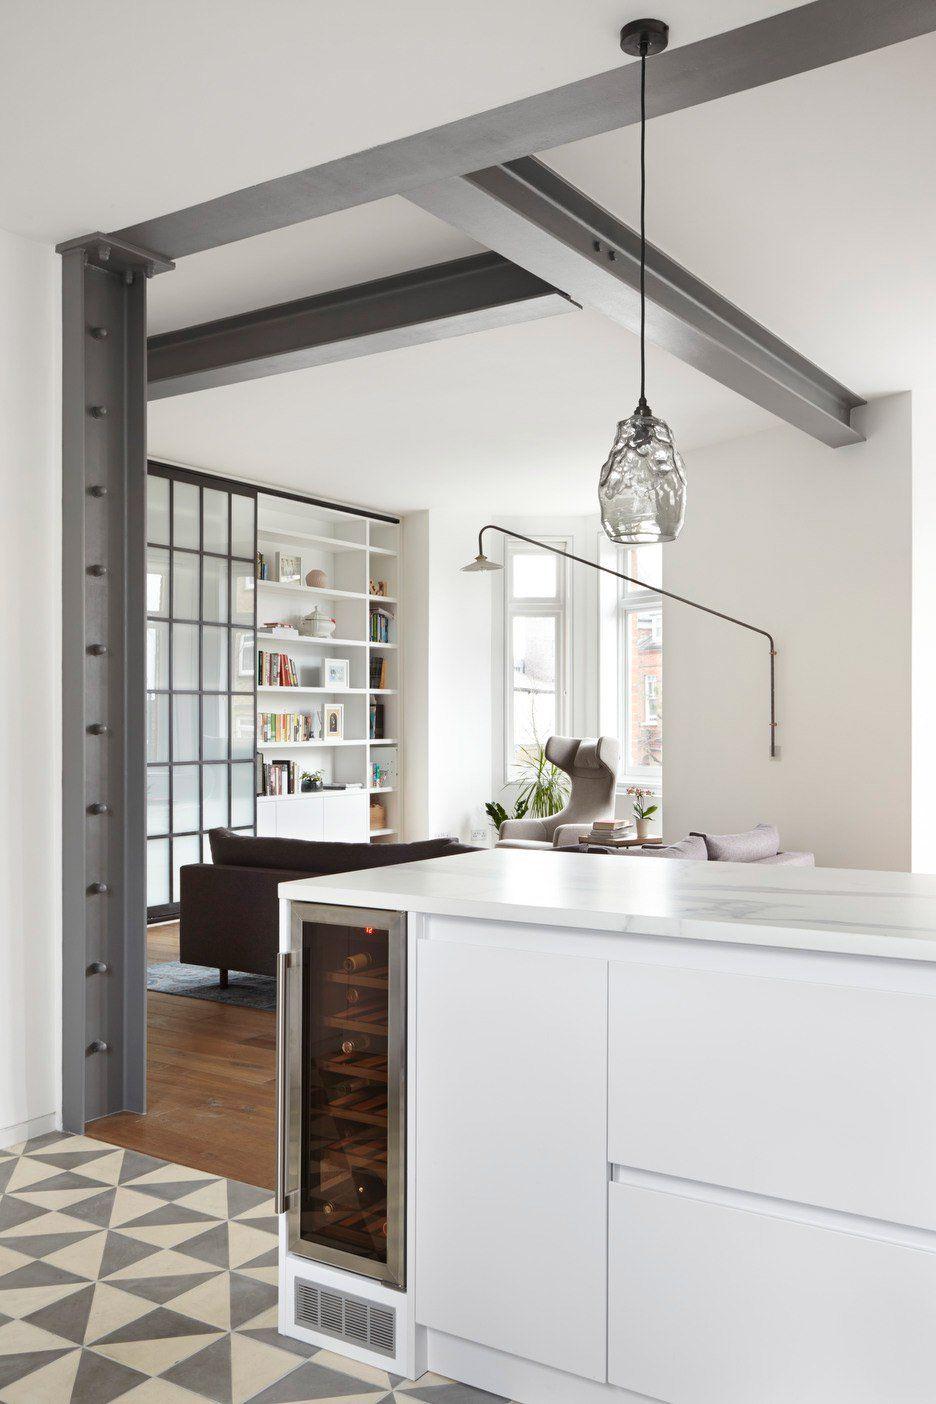 Neueste innenarchitektur glenshaw mansions by rise design studio  küche  pinterest  haus